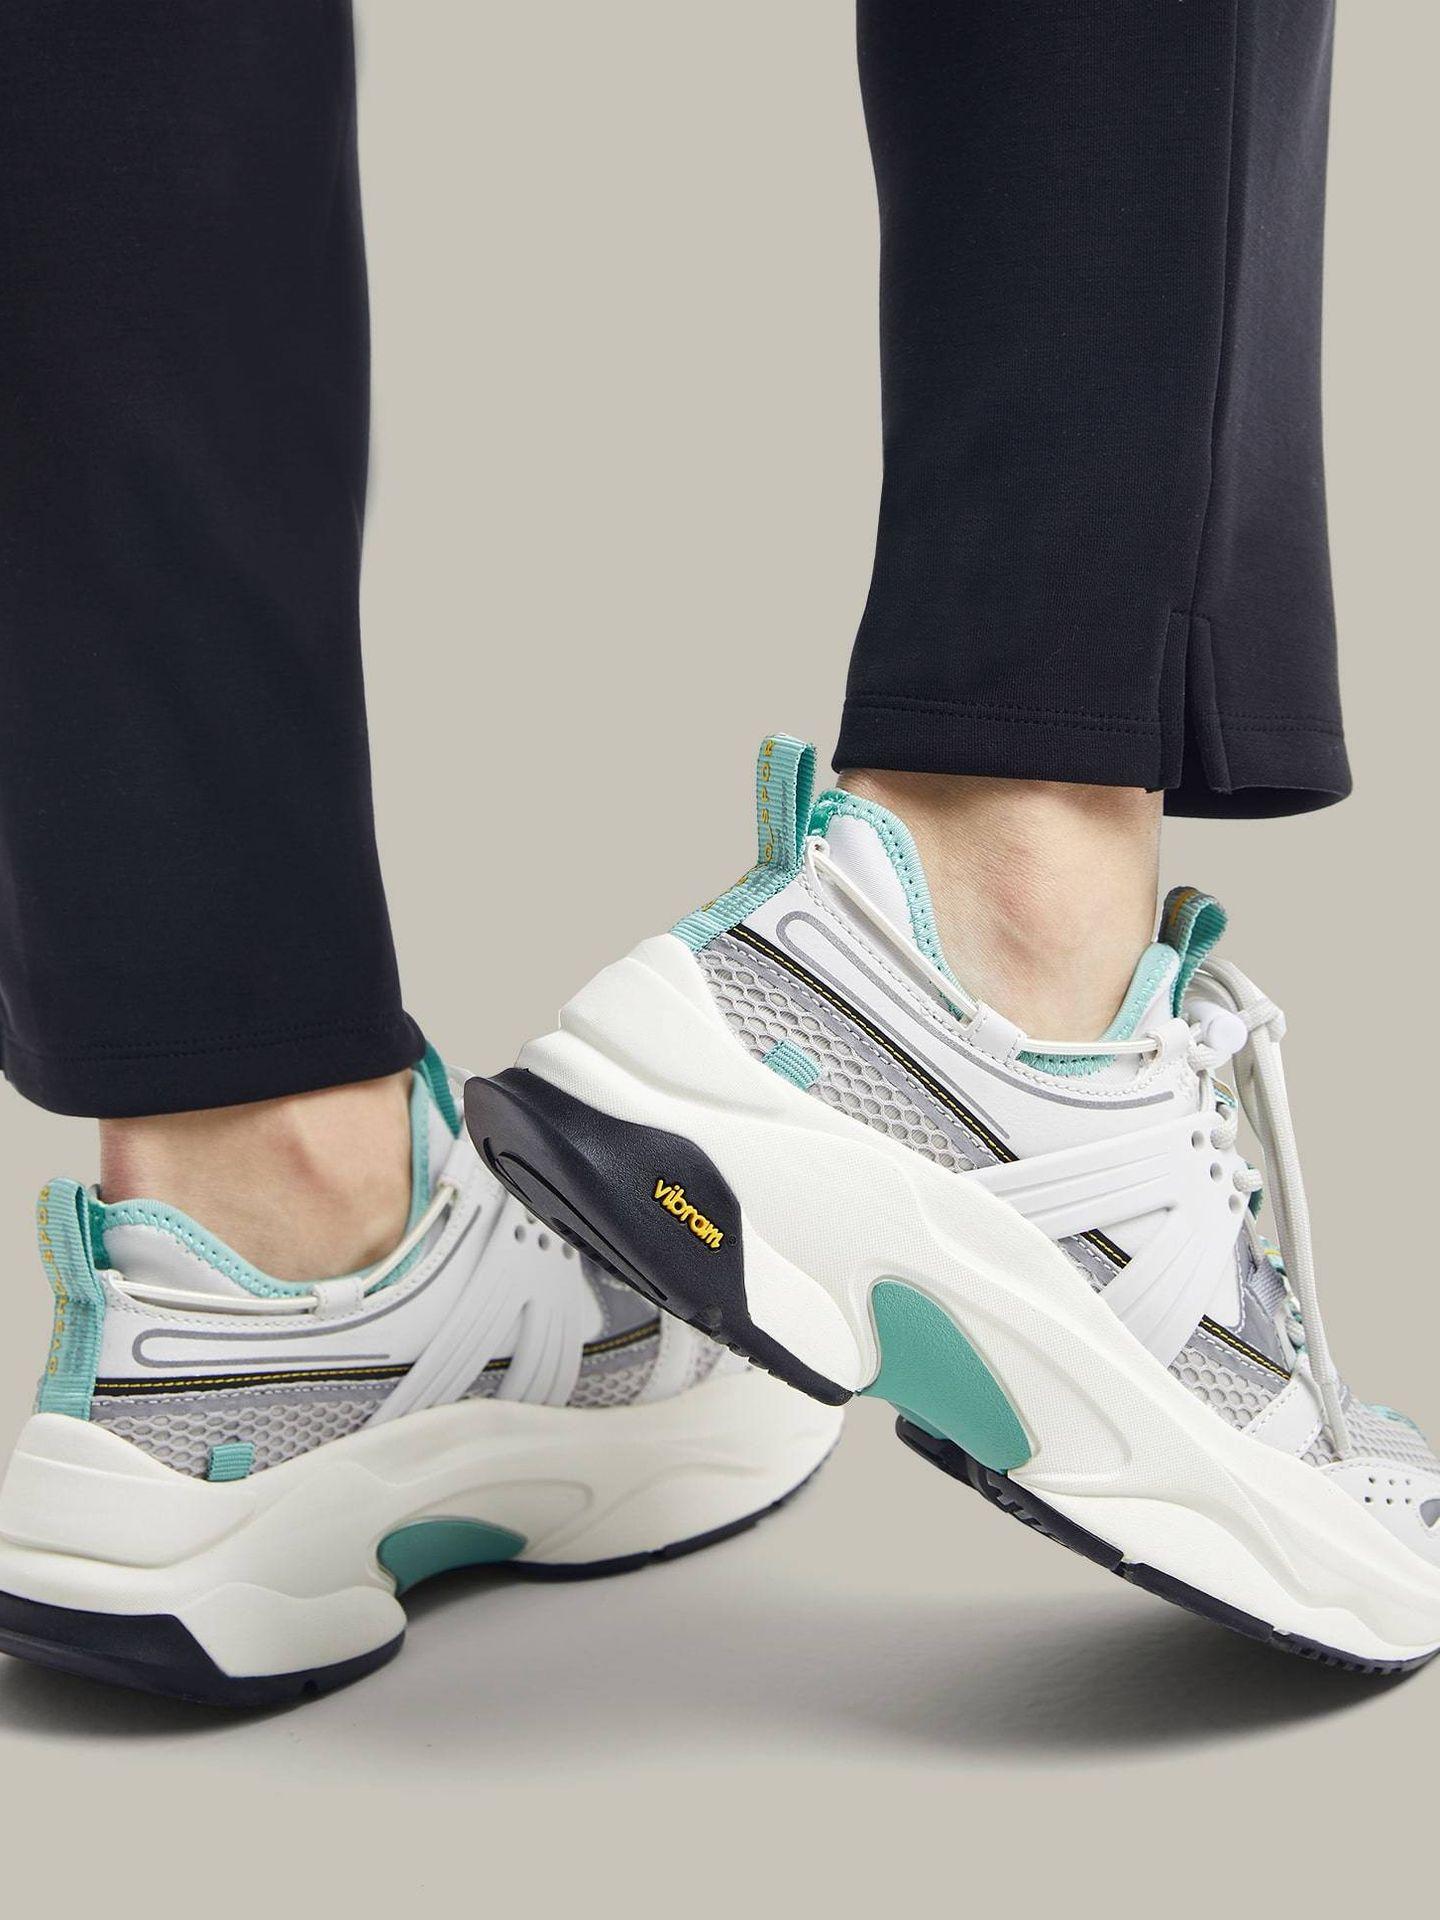 Zapatillas deportivas de Oysho. (Cortesía)